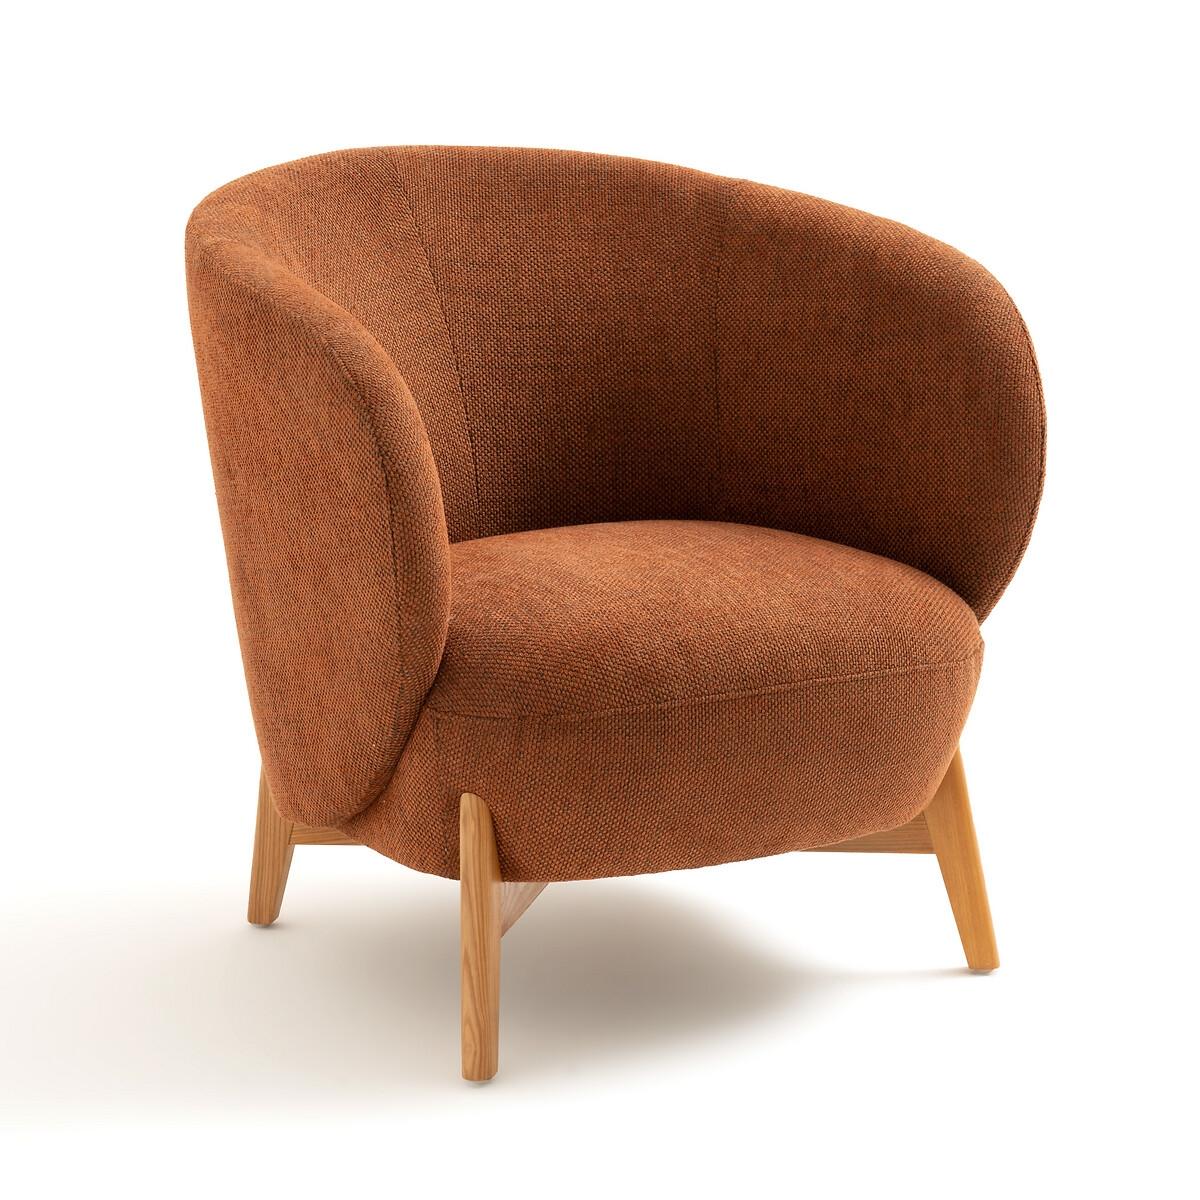 Кресло LaRedoute С подлокотниками ушки Lancy единый размер каштановый